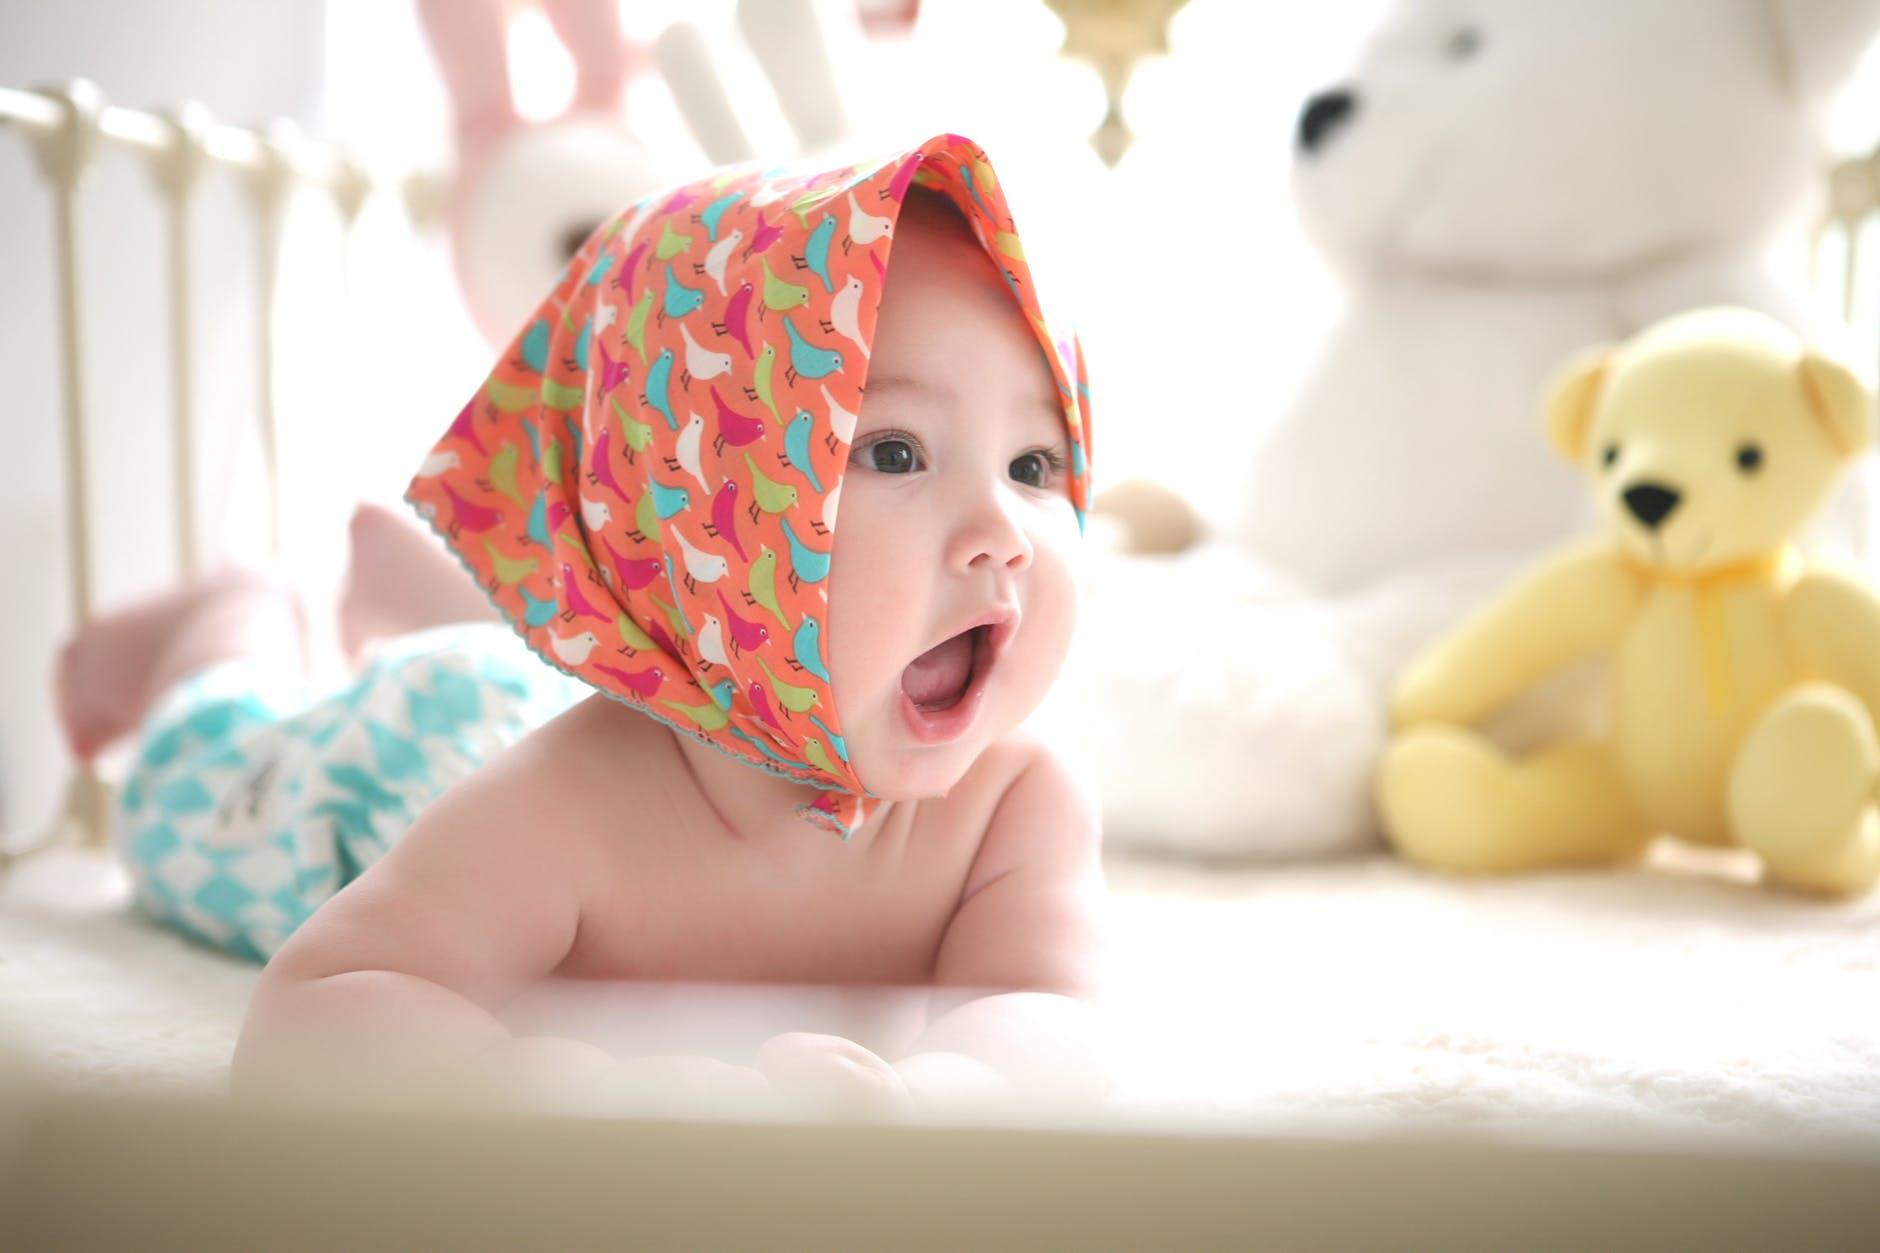 赤ちゃんはかわいいよね